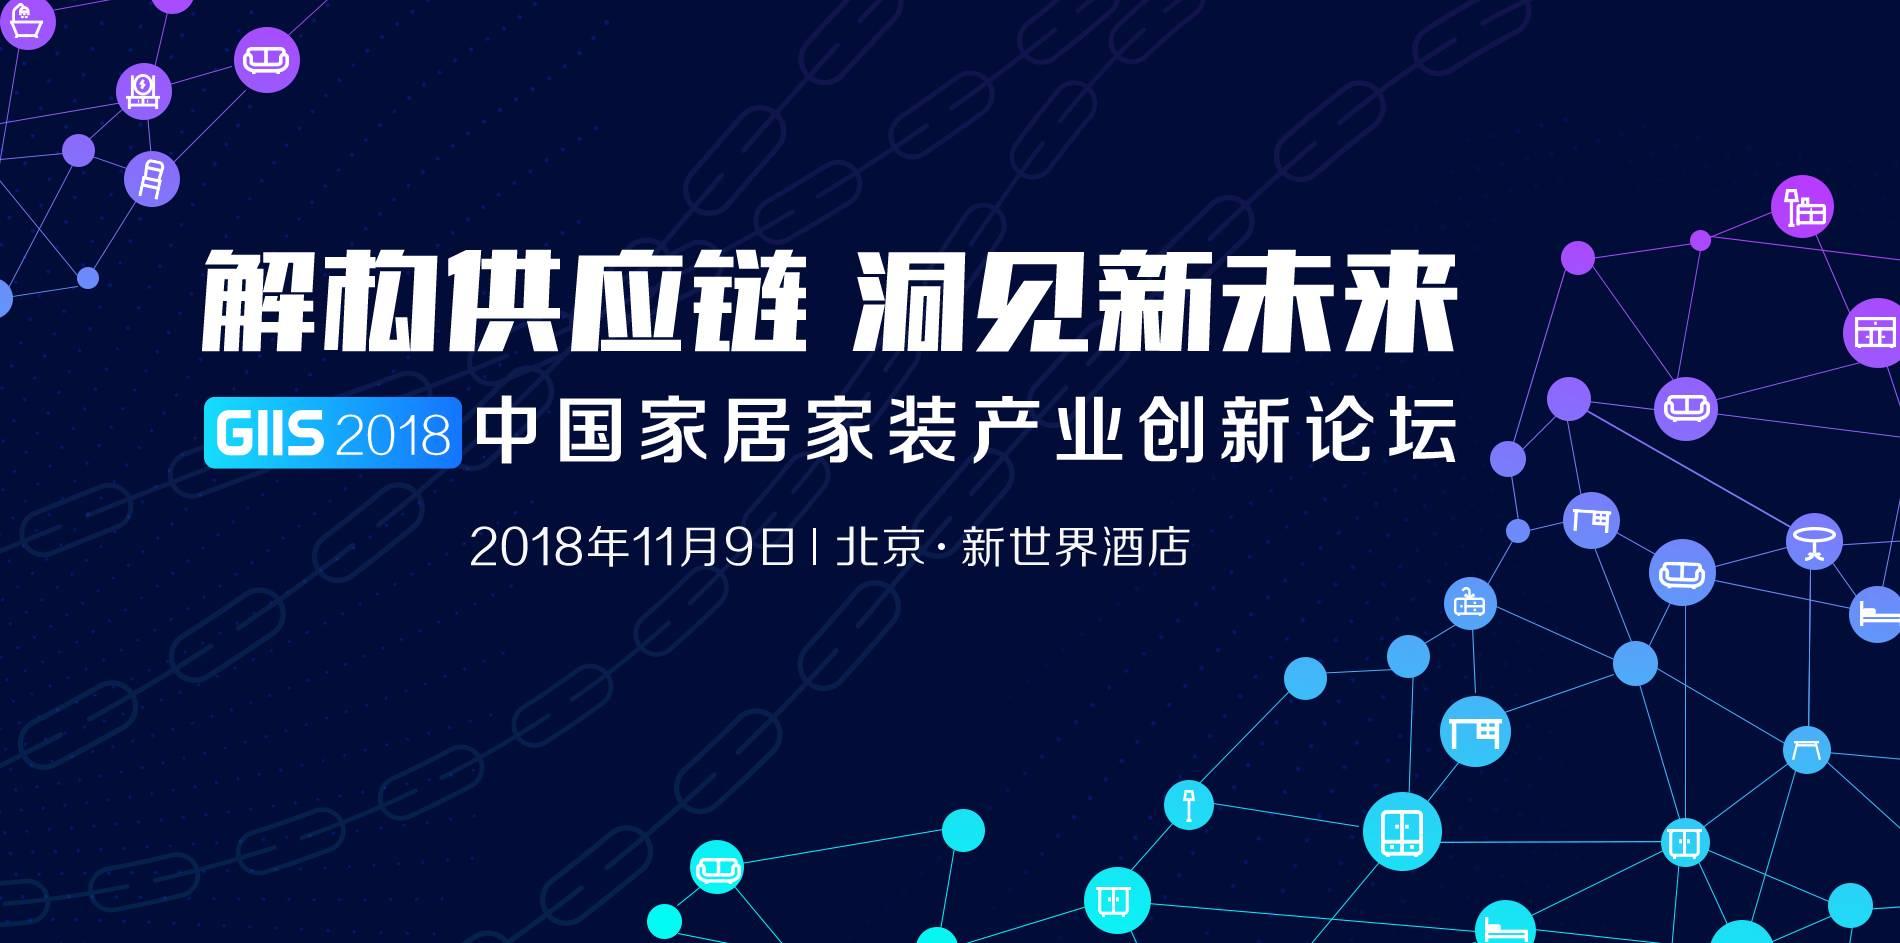 """【活动】""""解构供应链·洞见新未来""""GIIS 2018中国家居家装产业创新论坛-亿欧"""